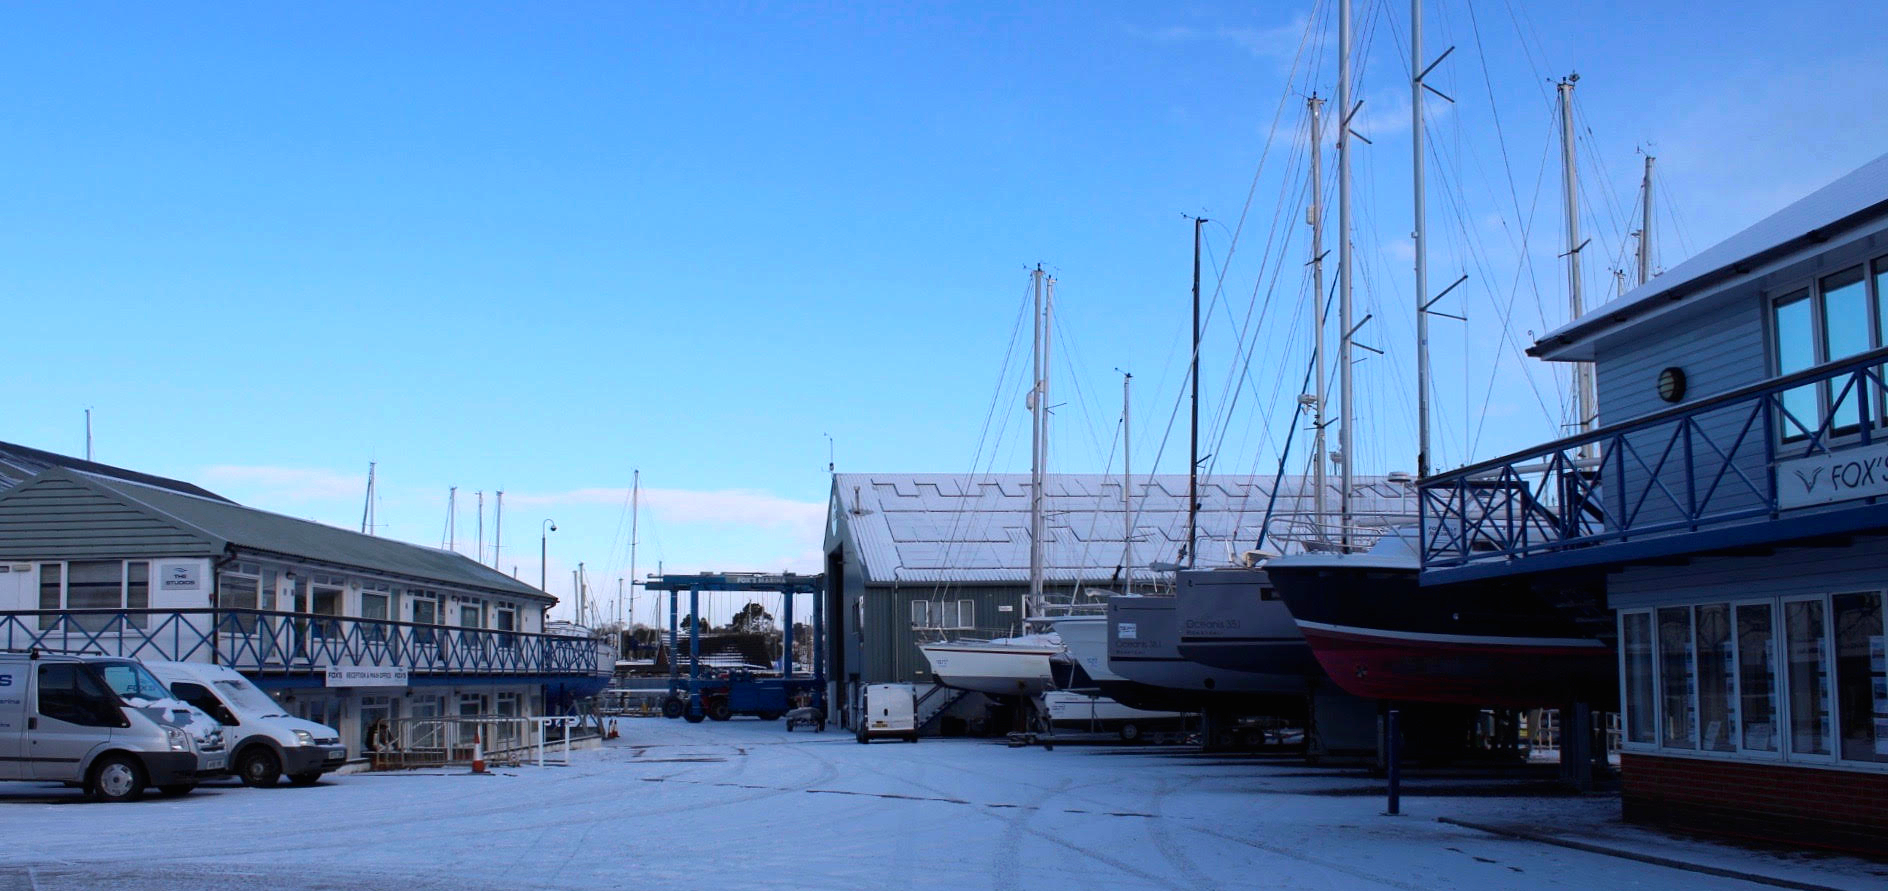 Foxs yacht sales marina